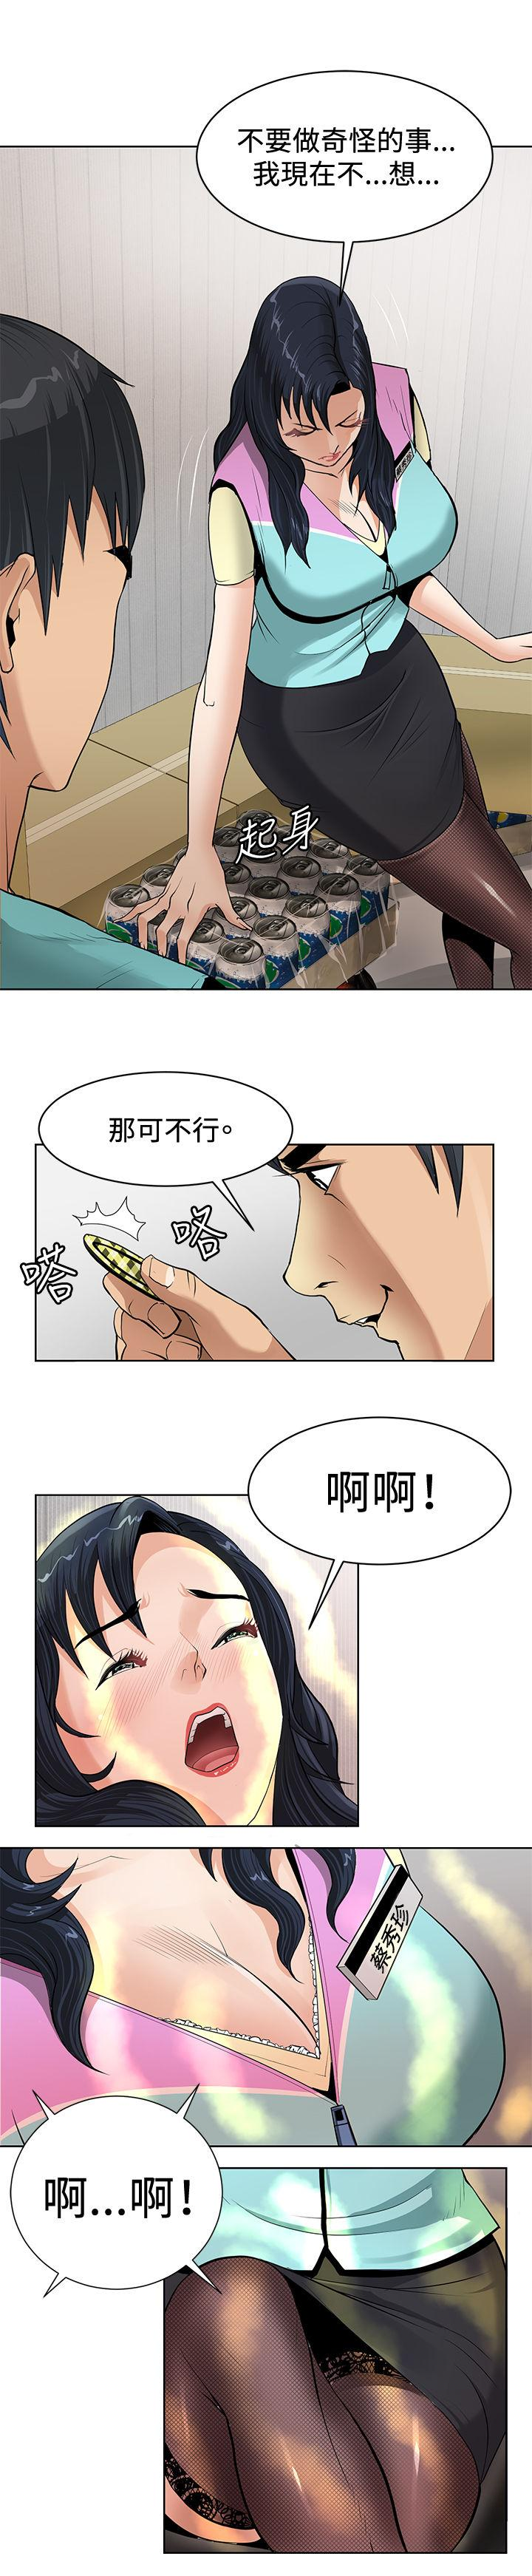 催眠师 第1話 [Chinese]中文 7